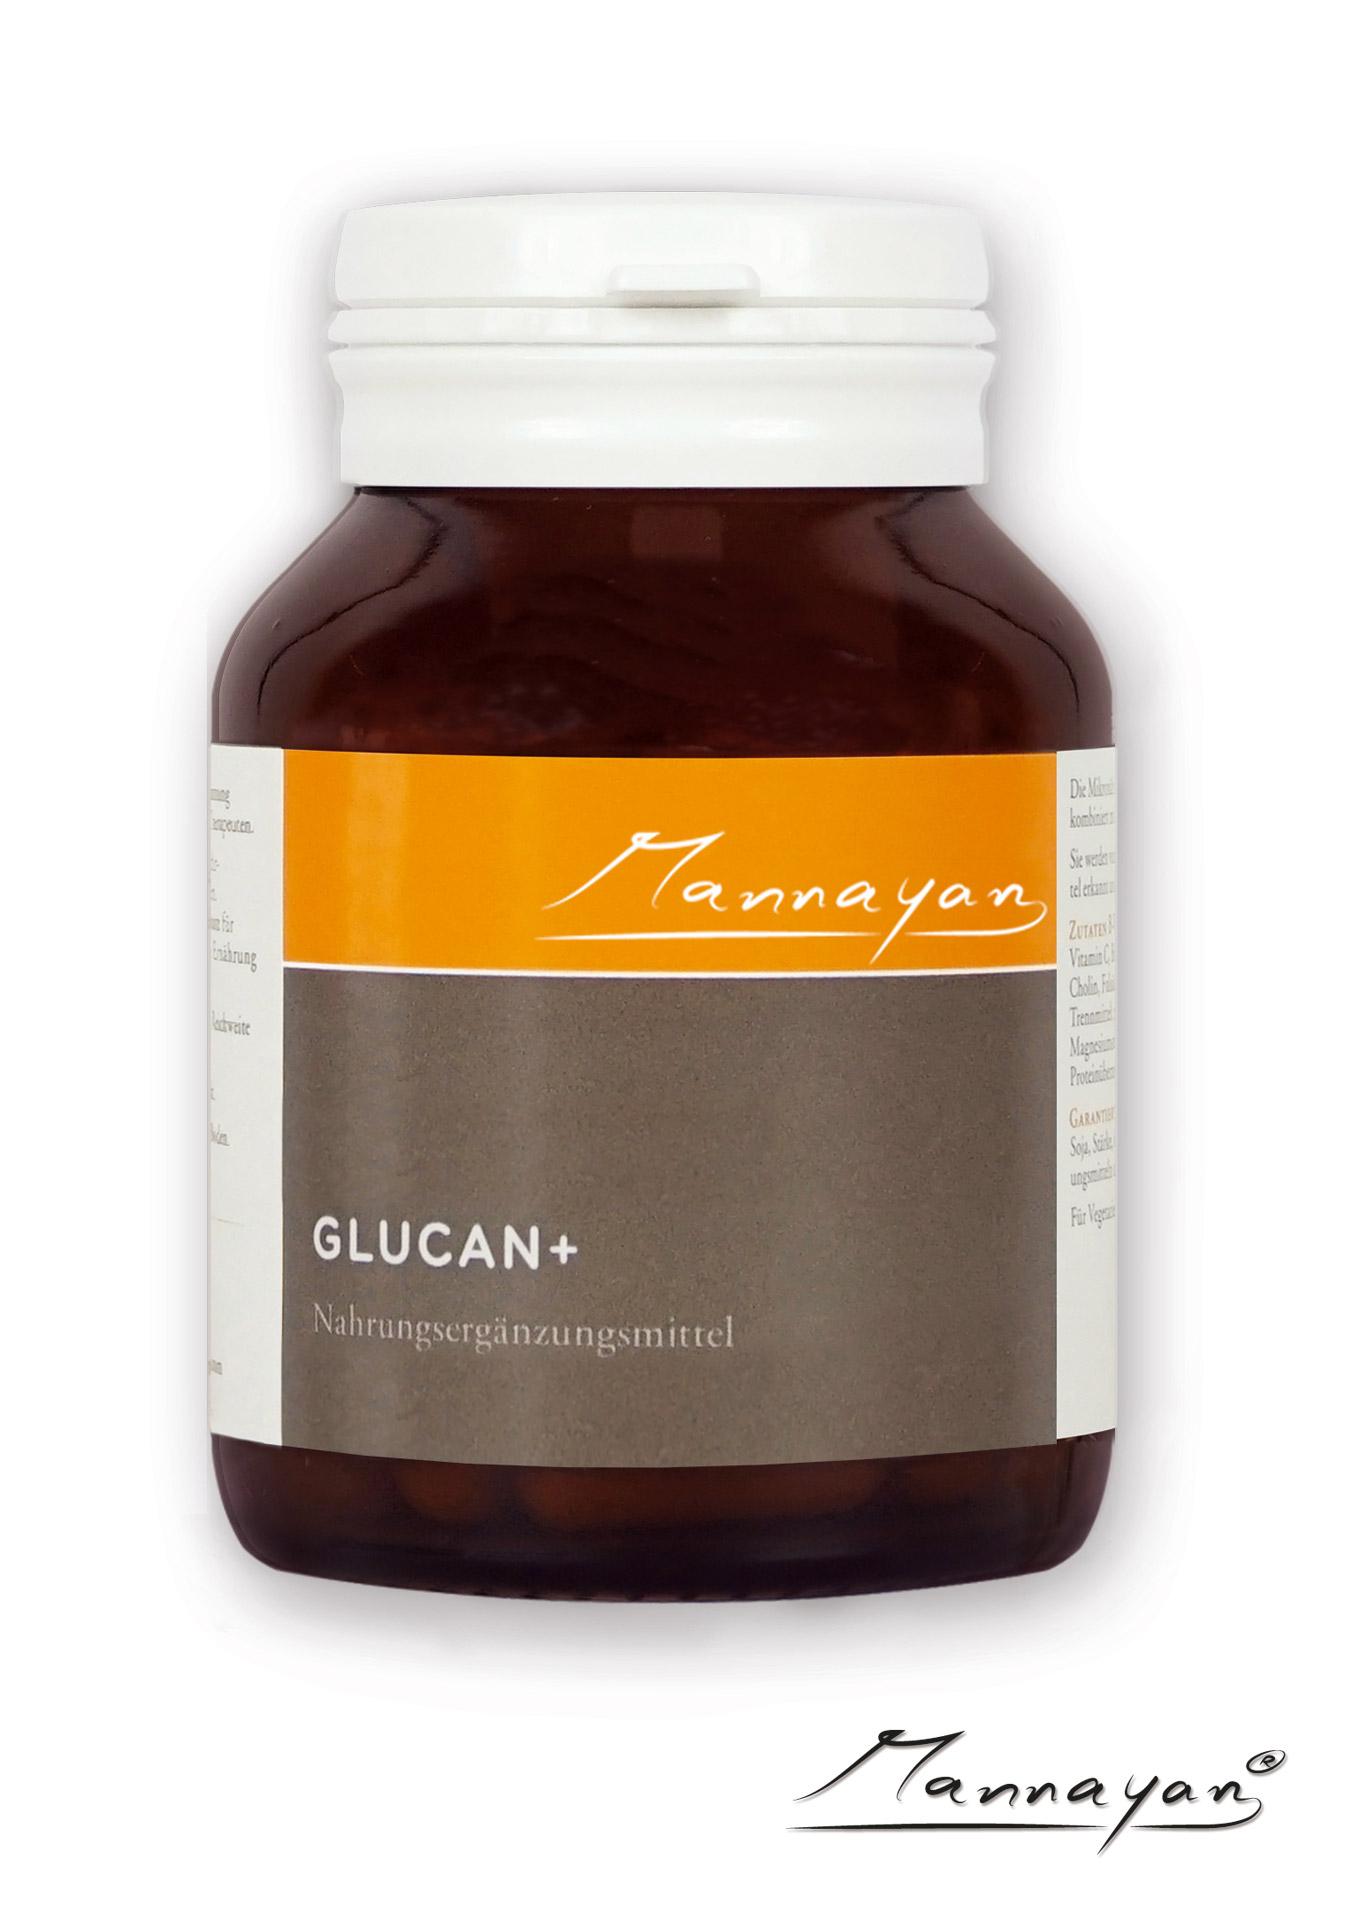 Glucan+ von Mannayan